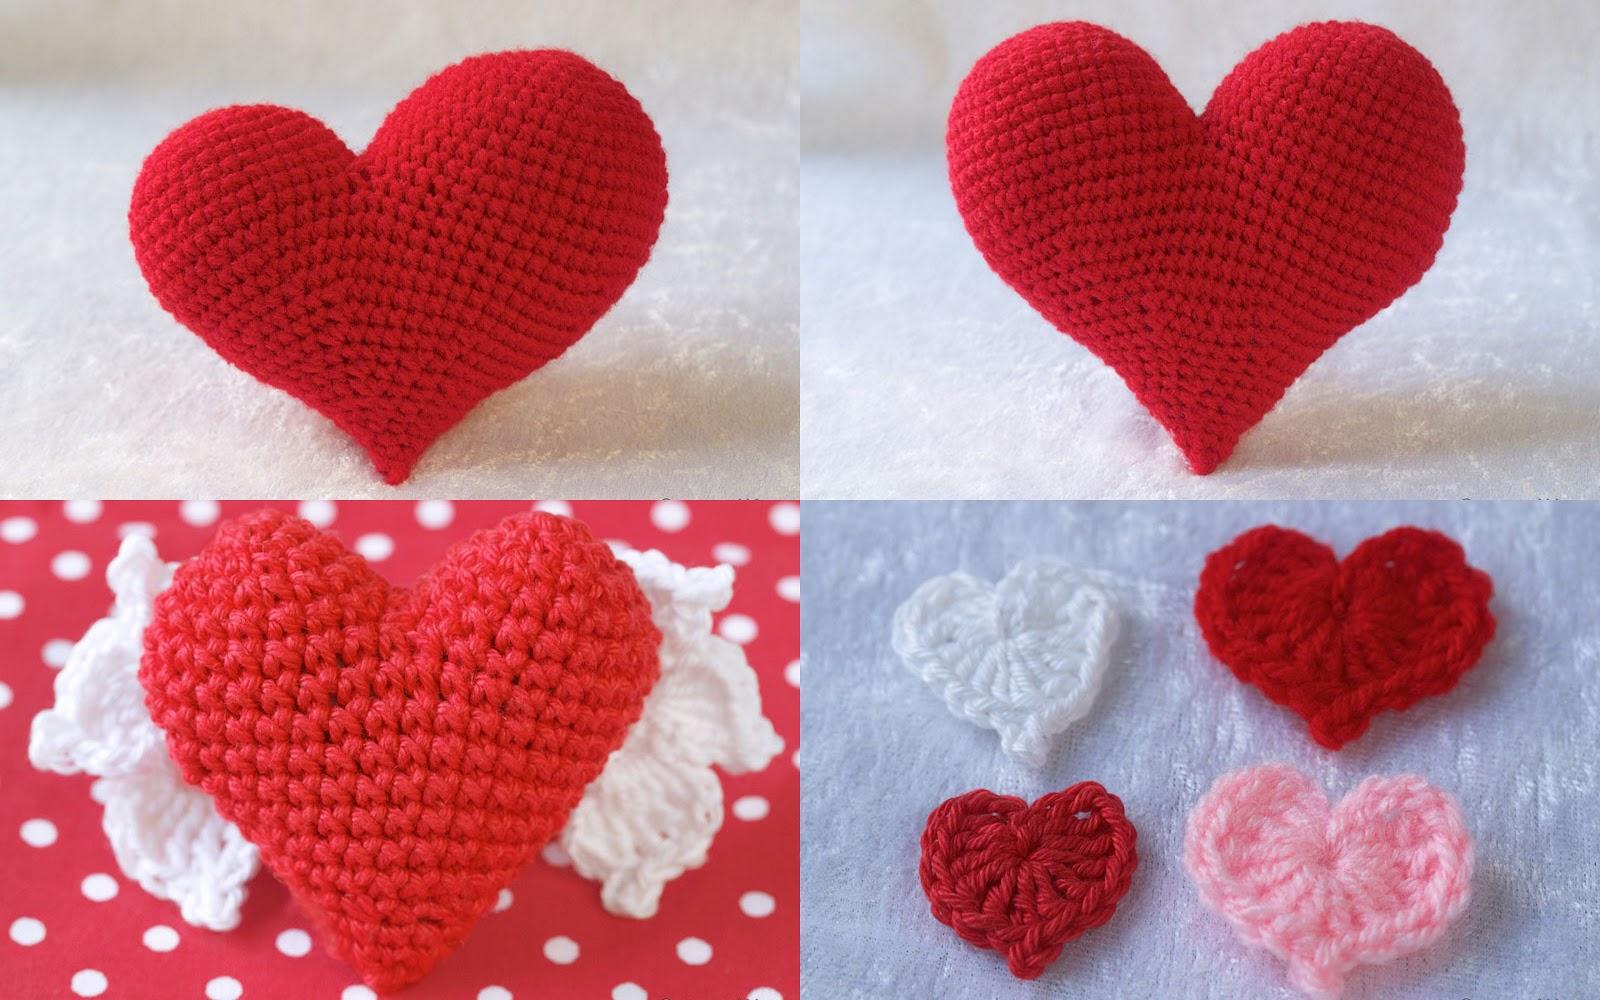 Сердечко крючком схема для начинающих фото 723